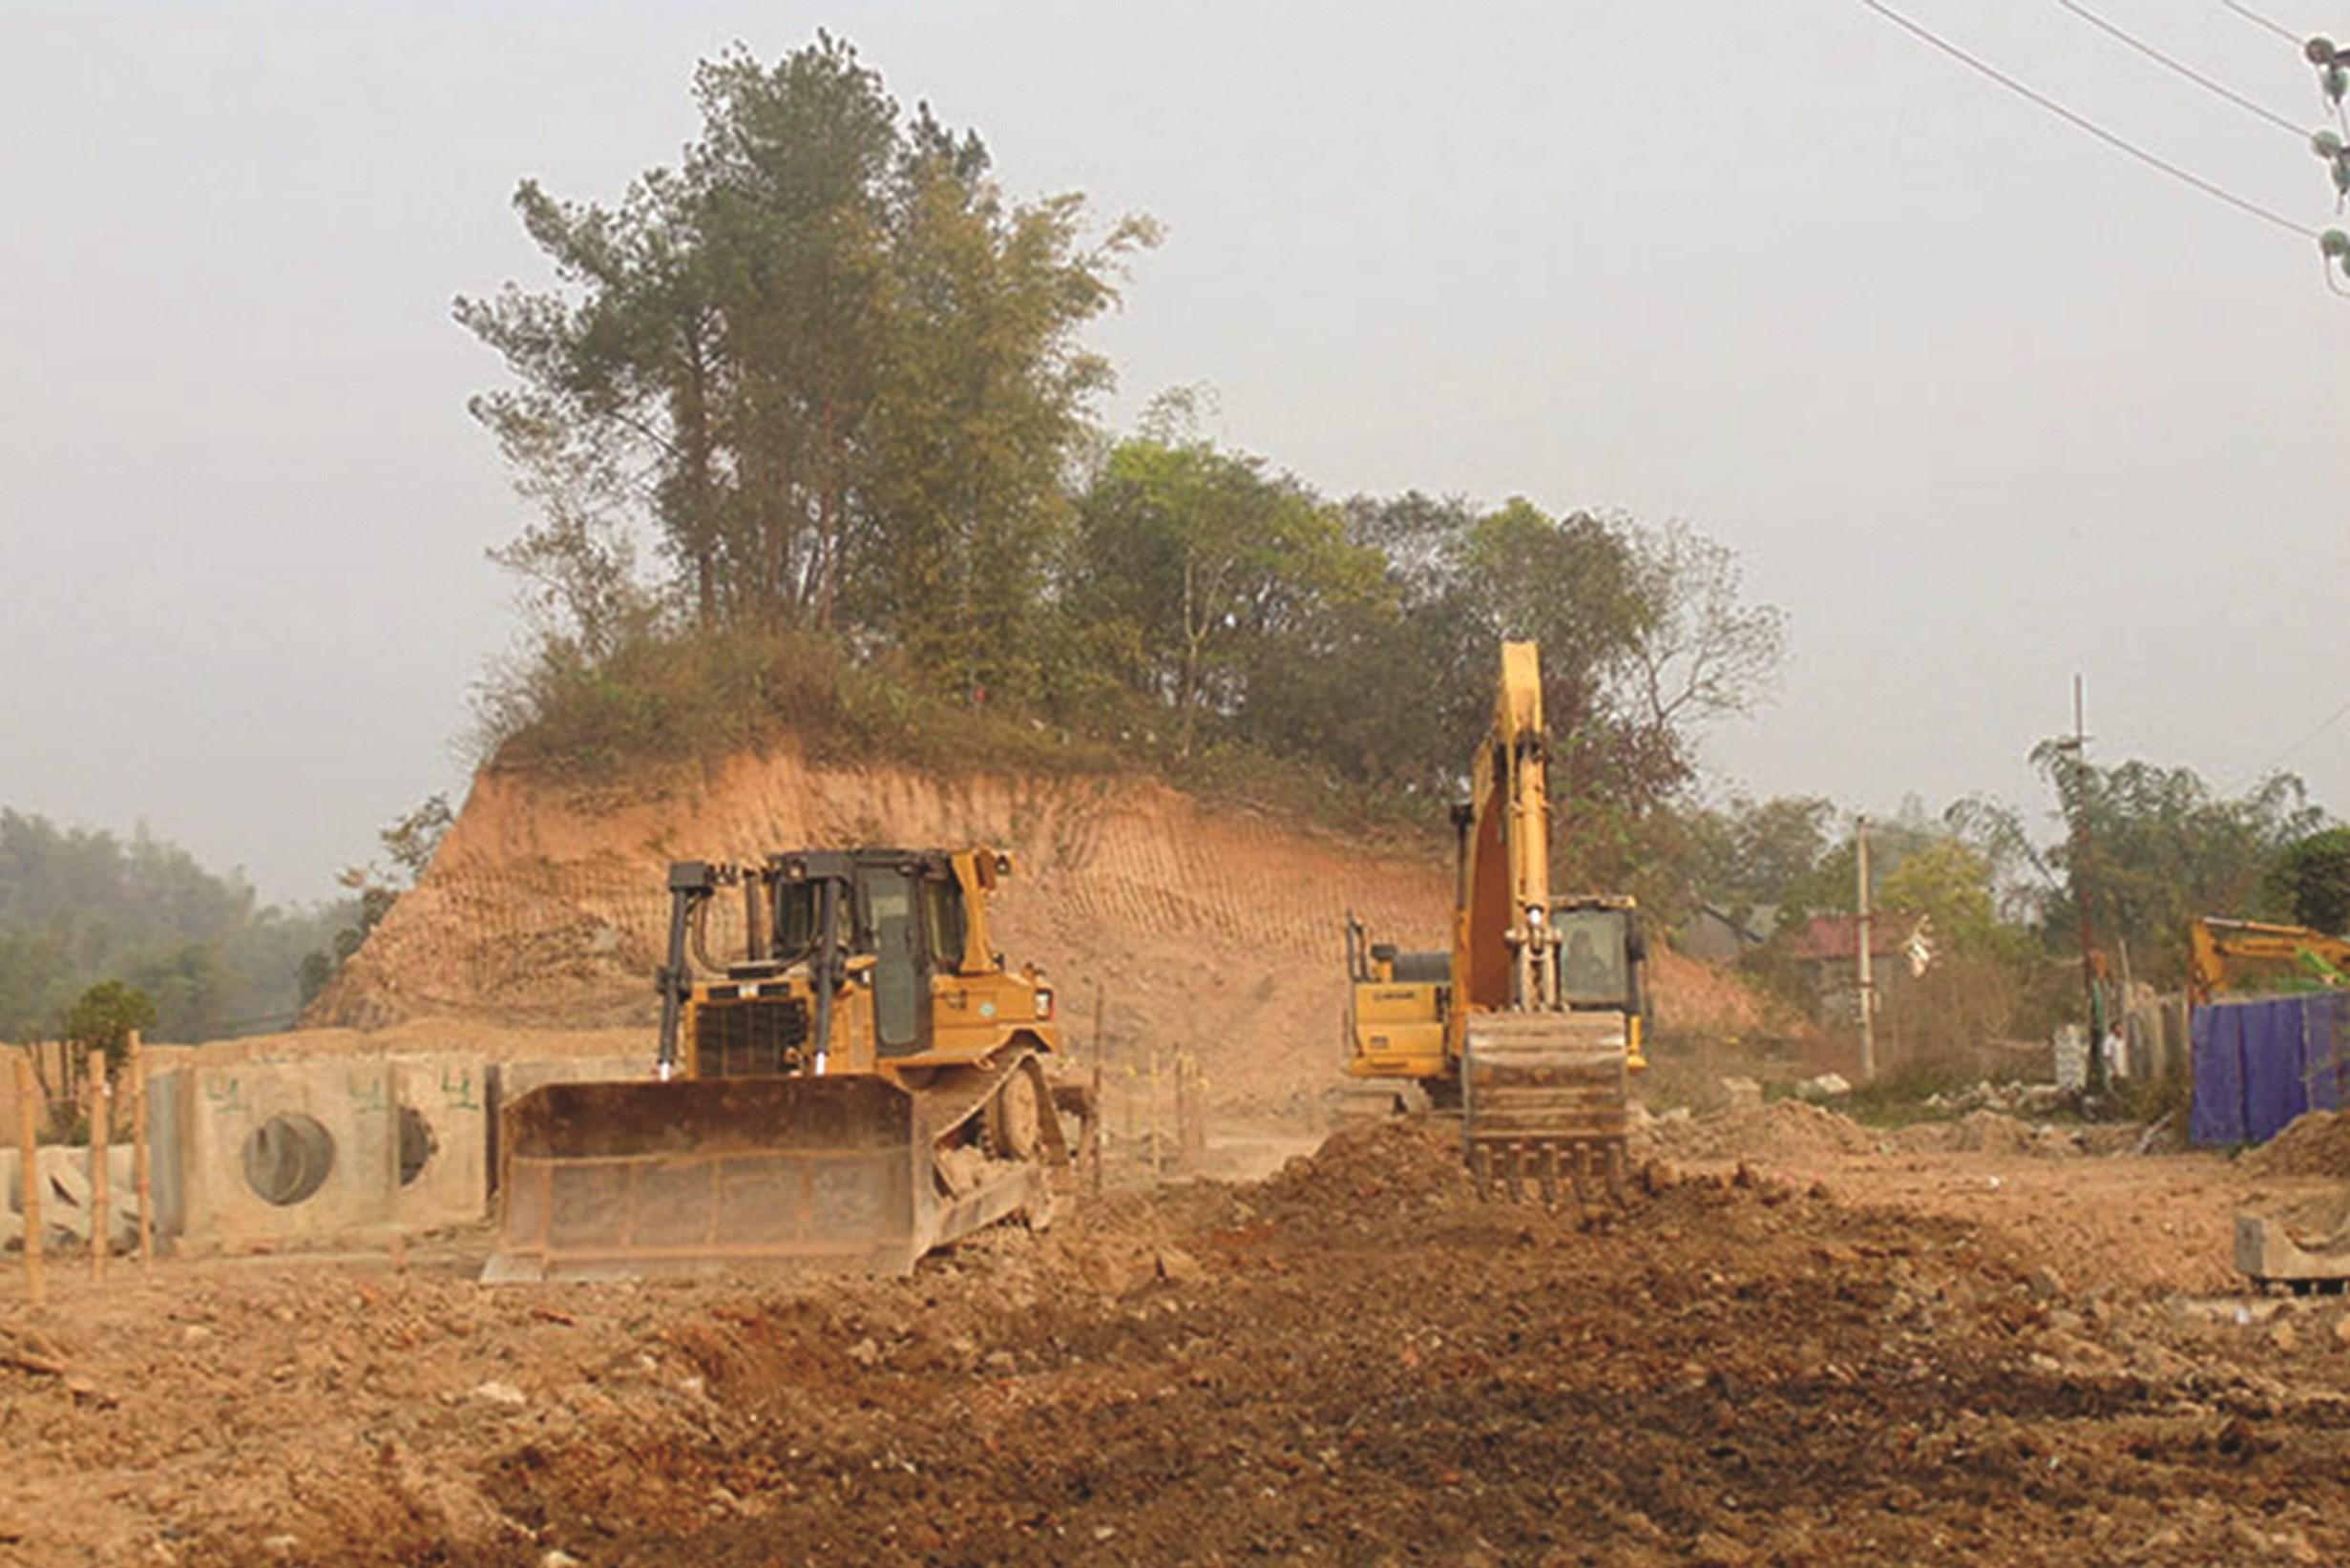 Nhiều công trình trọng điểm dù nhiều năm vẫn đang trong quá trình xây dựng vì không có kinh phí